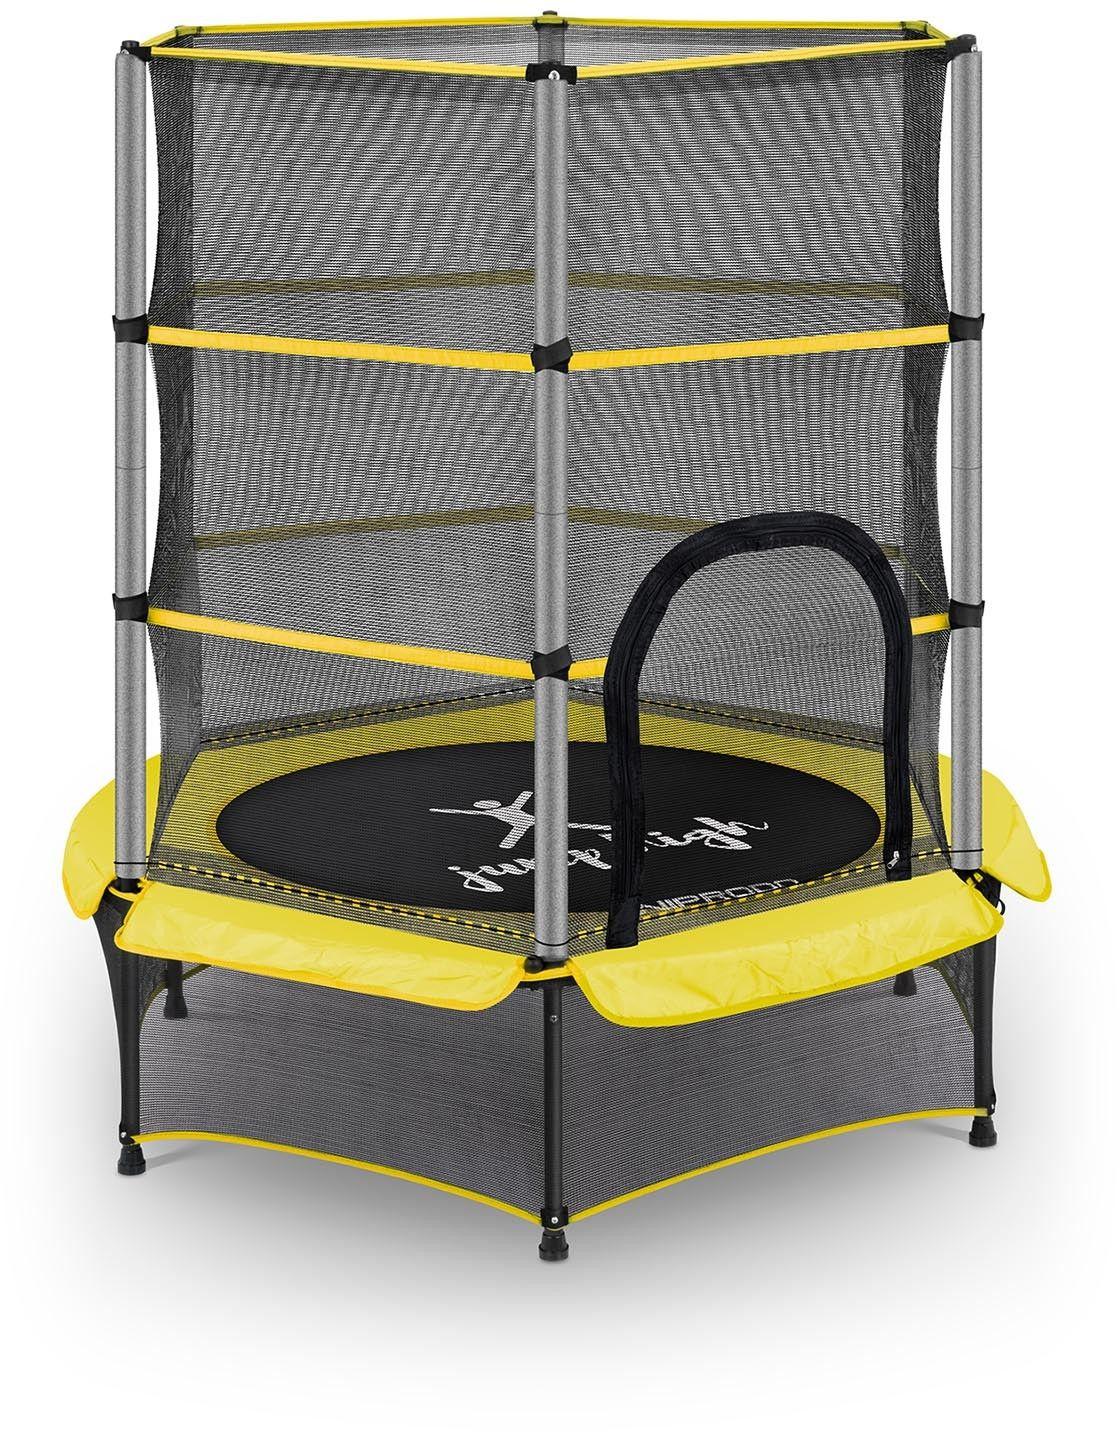 Trampolina dla dzieci - żółta - do 50 kg - 140 cm - Uniprodo - UNI_TRAMPOLINE_02 - 3 lata gwarancji/wysyłka w 24h